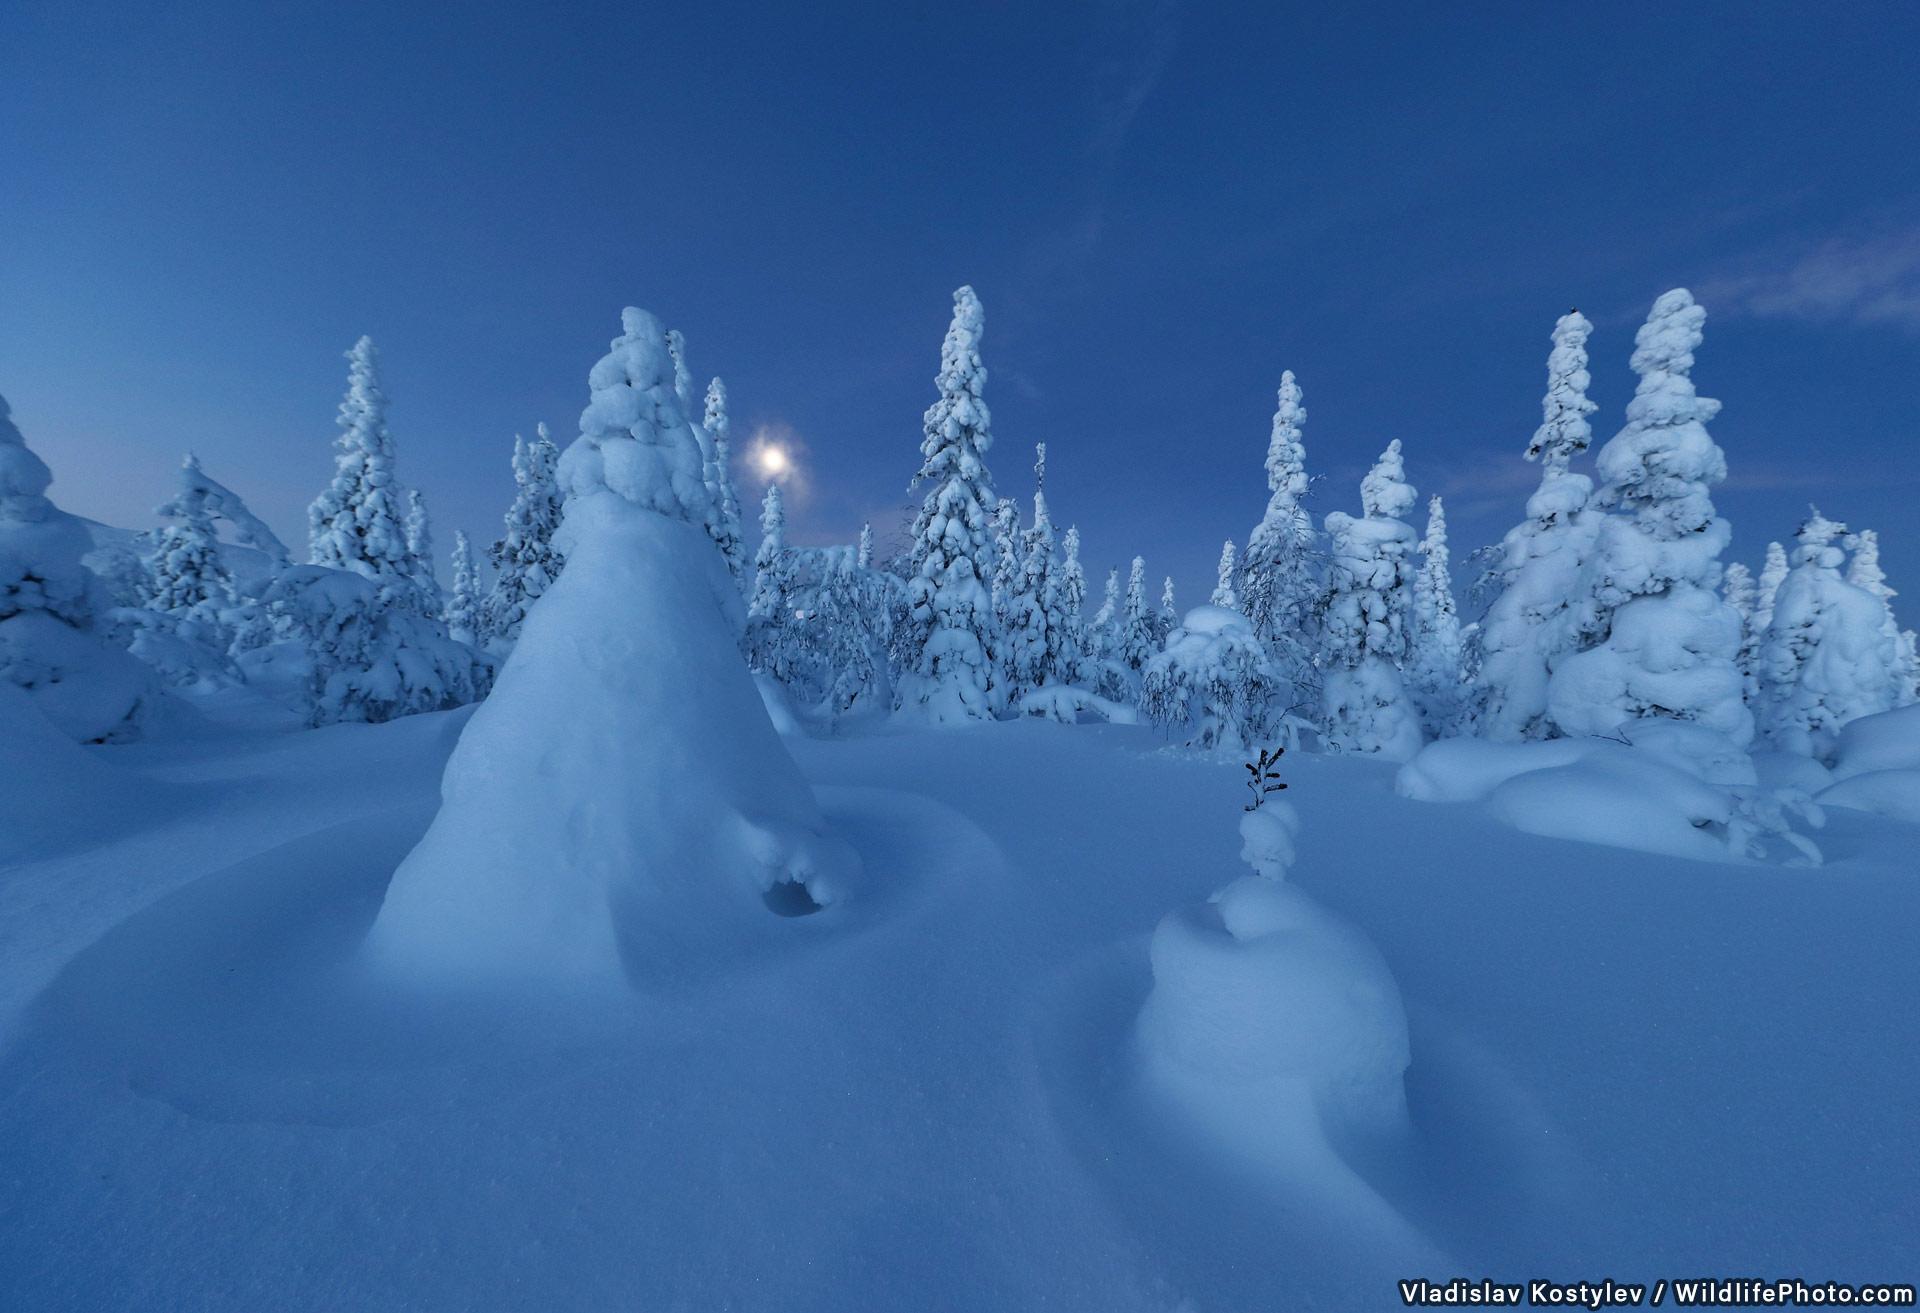 Зимний лес, © Владислав Костылев, Высокая оценка, Фотоконкурс «Места обитания и ландшафты»